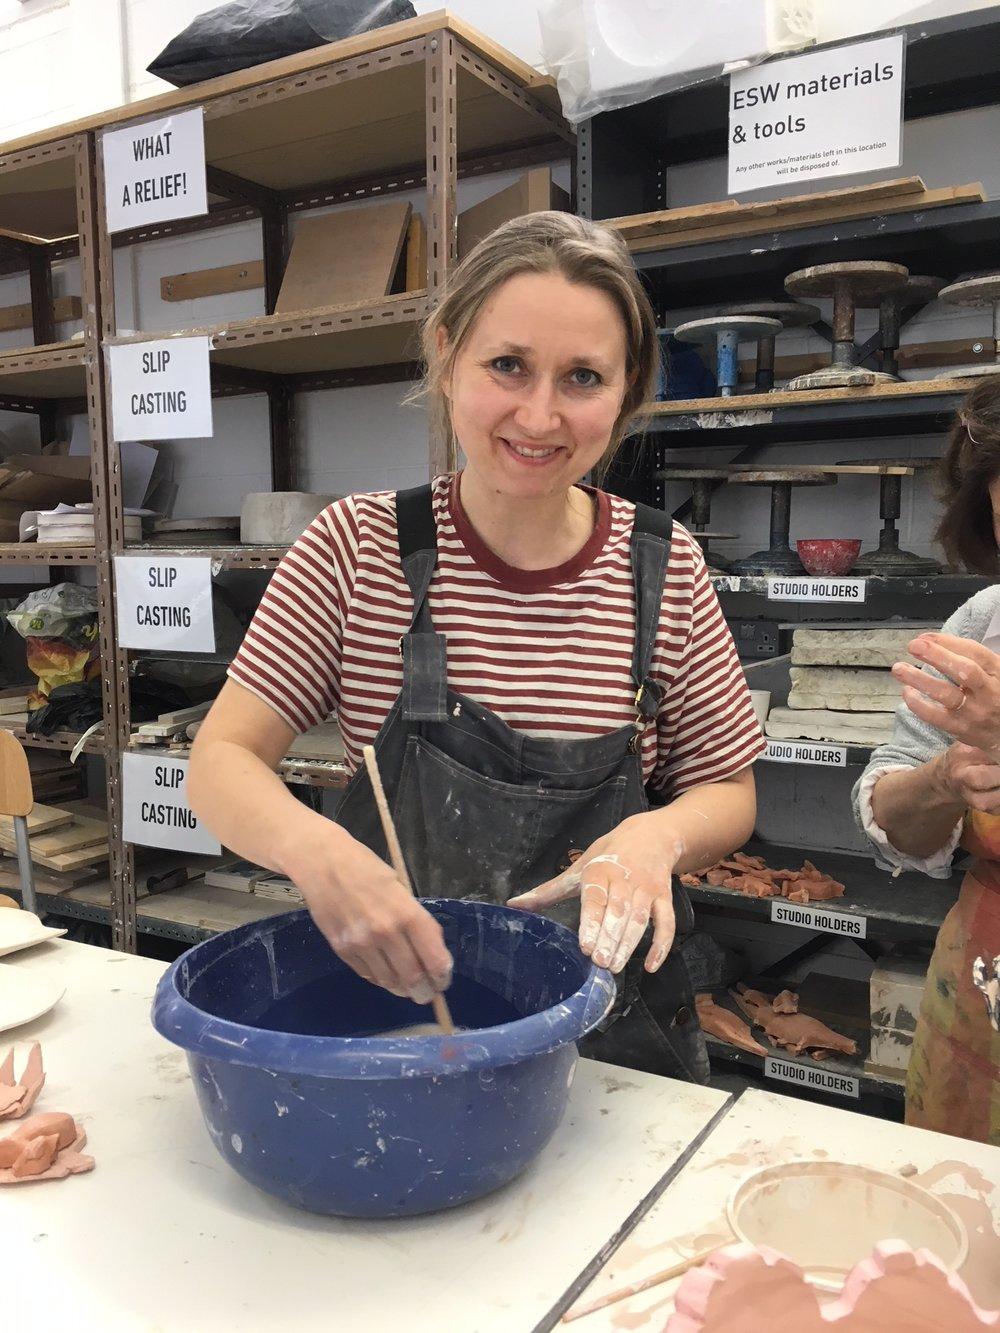 Kjersti Sletteland - Kjersti Sletteland is an artist based in Edinburgh.She works in a range of mediums, including porcelain.She exhibited works from her series BIOSENARIO at the Scottish Arts Club in September.www.biosenario.comwww.kjerstisletteland.com